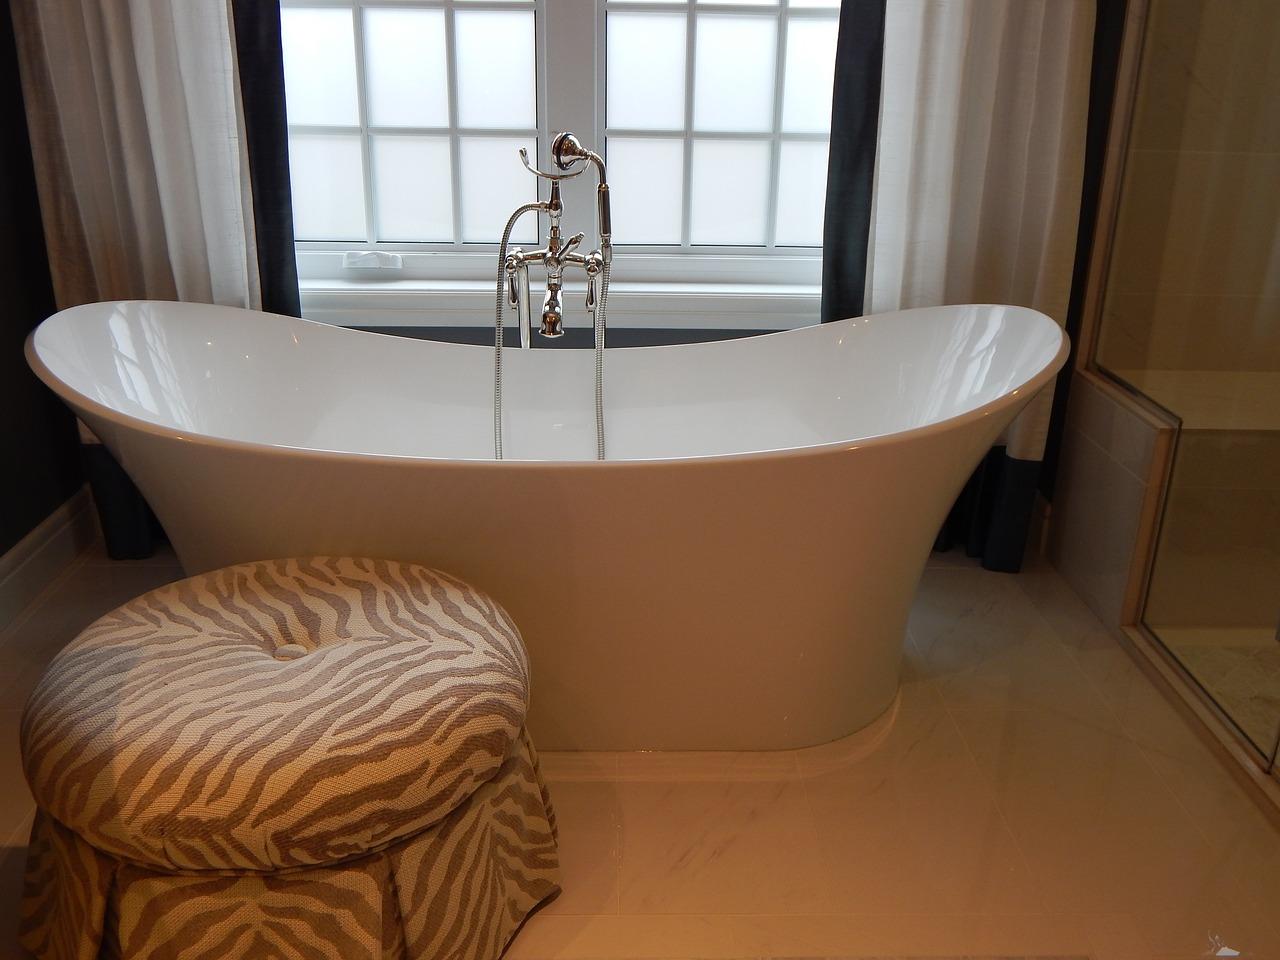 Pourquoi passer par un professionnel pour installer une baignoire ?